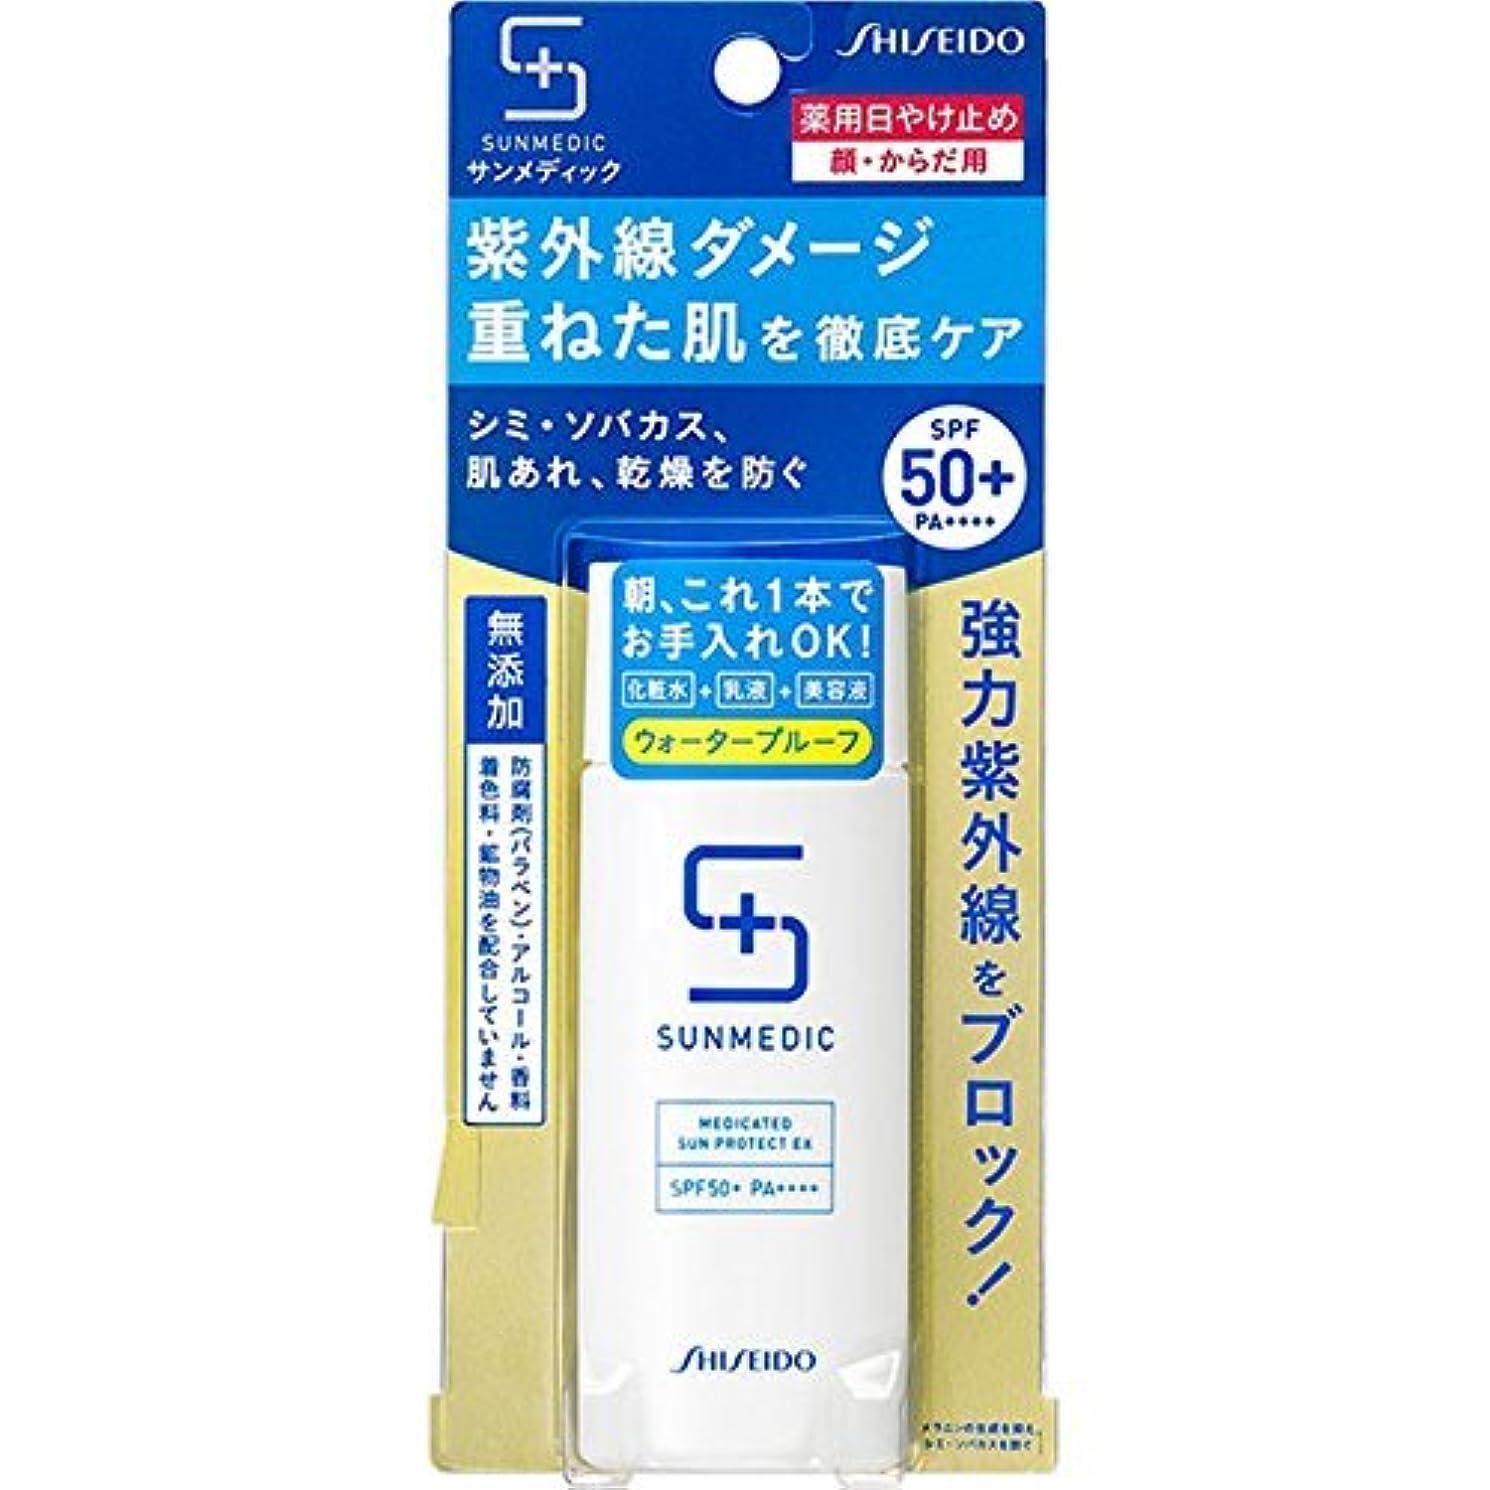 半導体丁寧解凍する、雪解け、霜解けMK サンメディックUV 薬用サンプロテクトEX 50mL (医薬部外品)